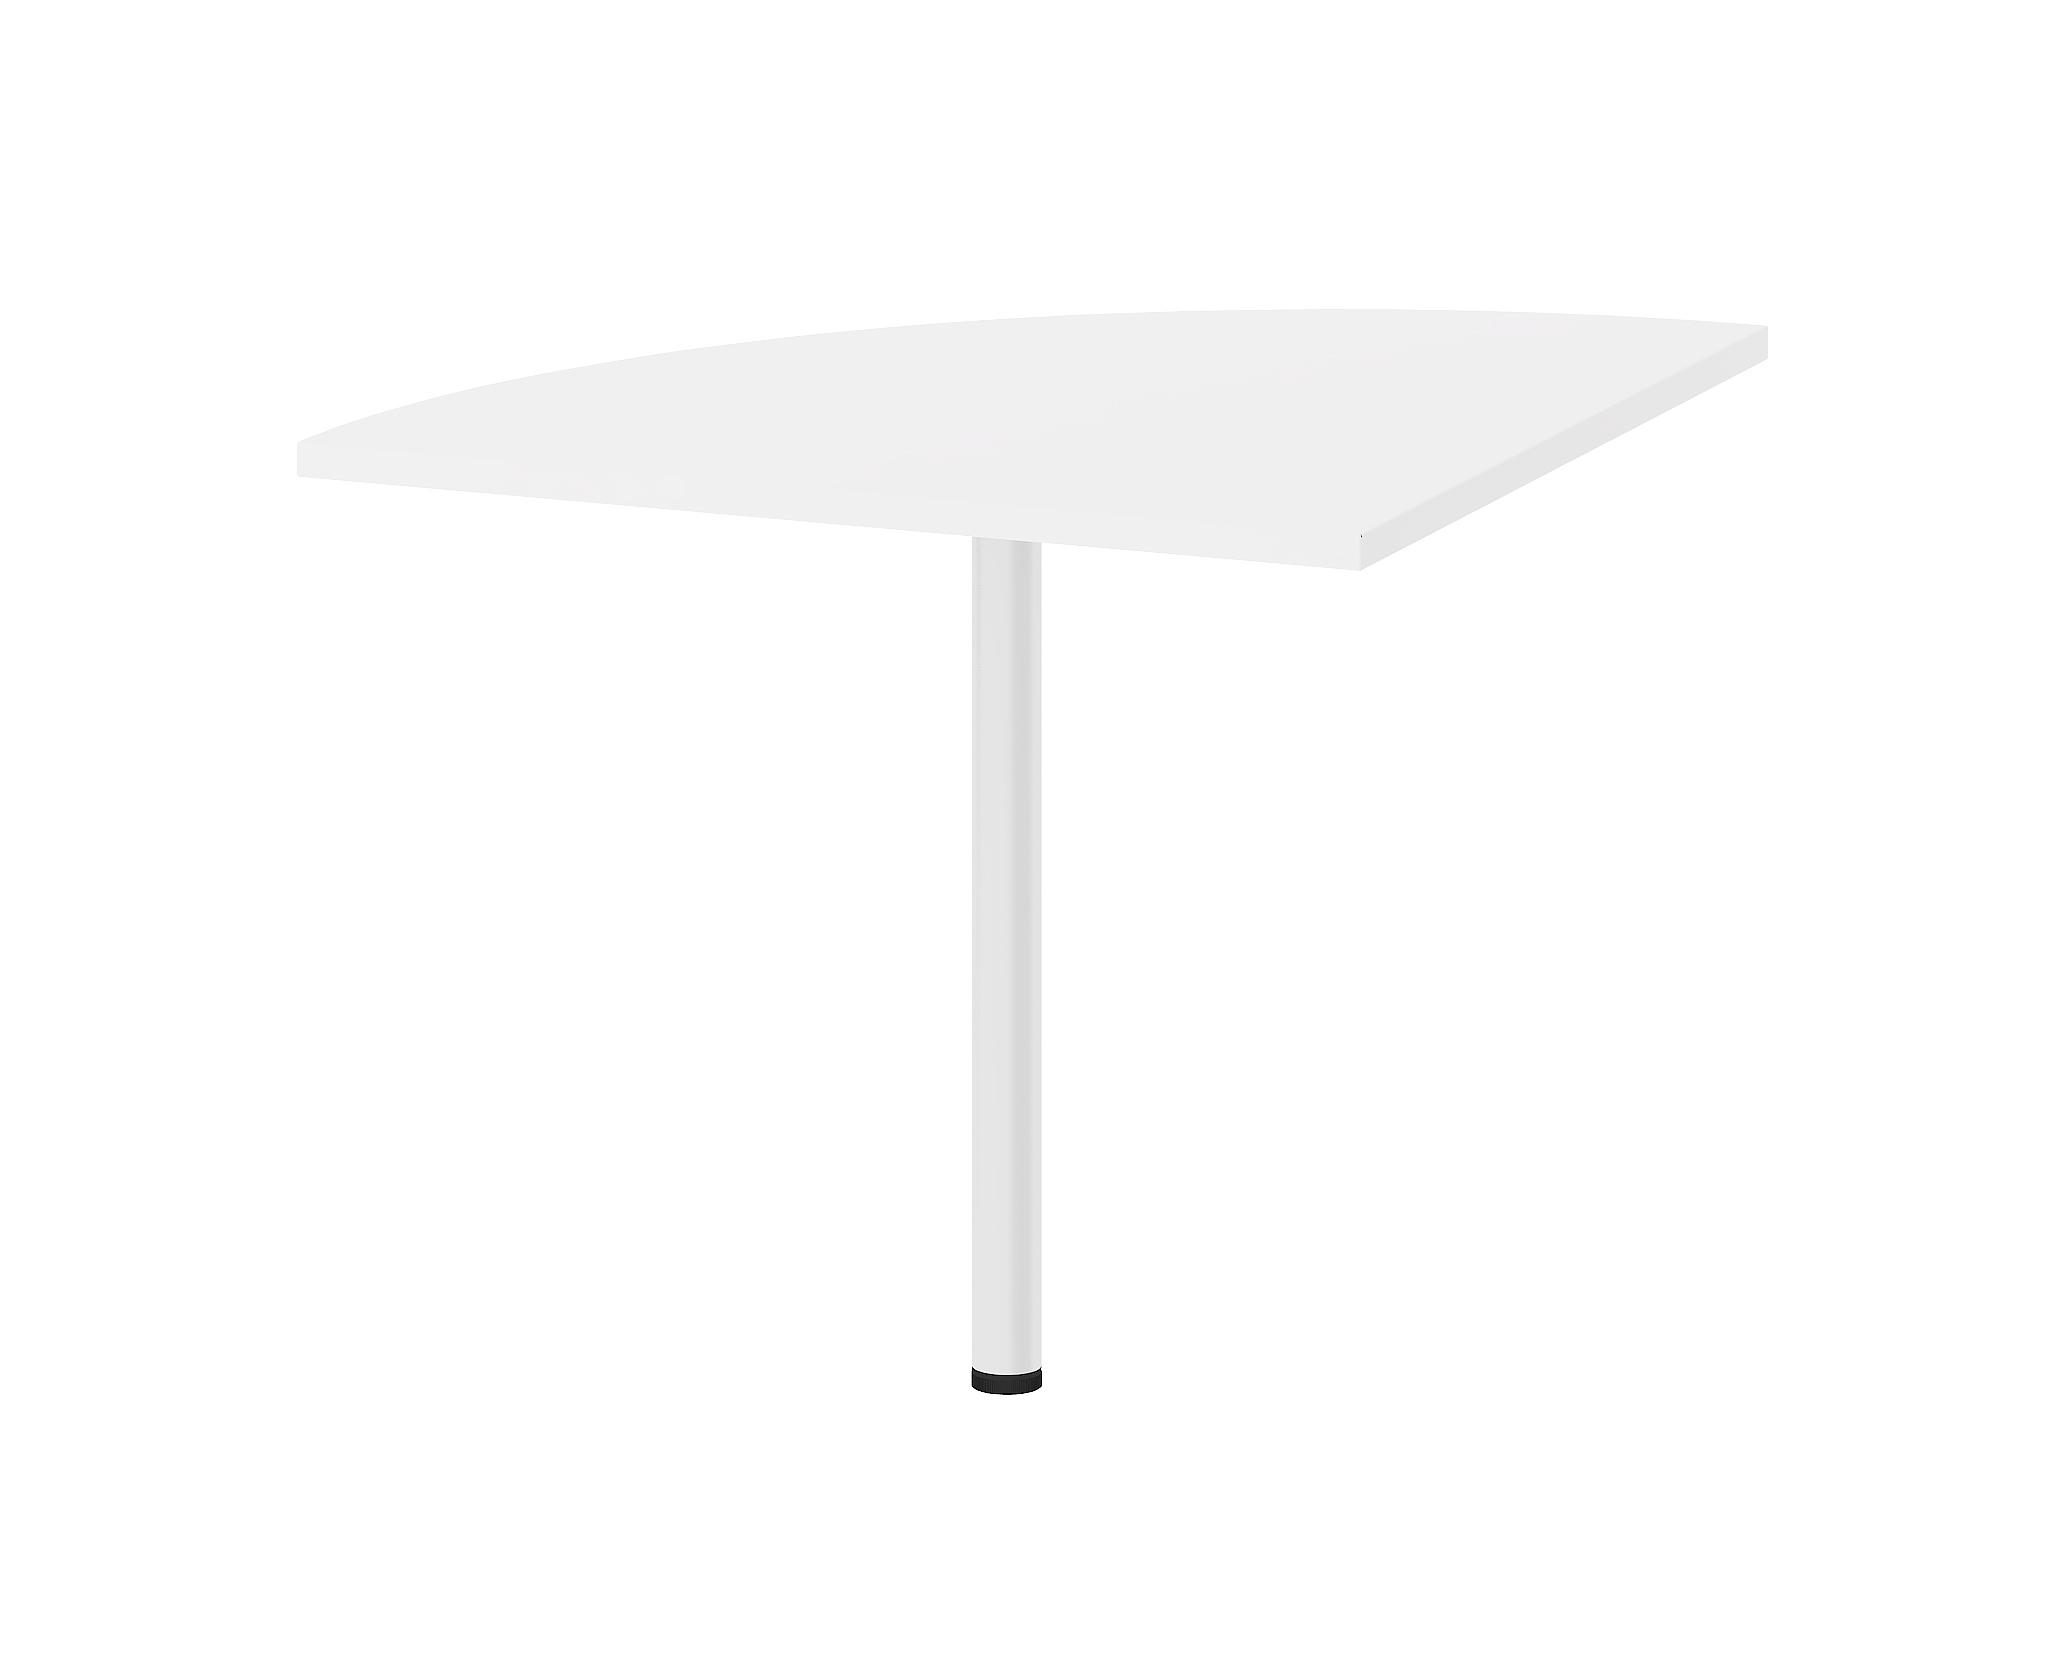 eckschreibtisch prima winkelschreibtisch schreibtisch in wei grau ebay. Black Bedroom Furniture Sets. Home Design Ideas